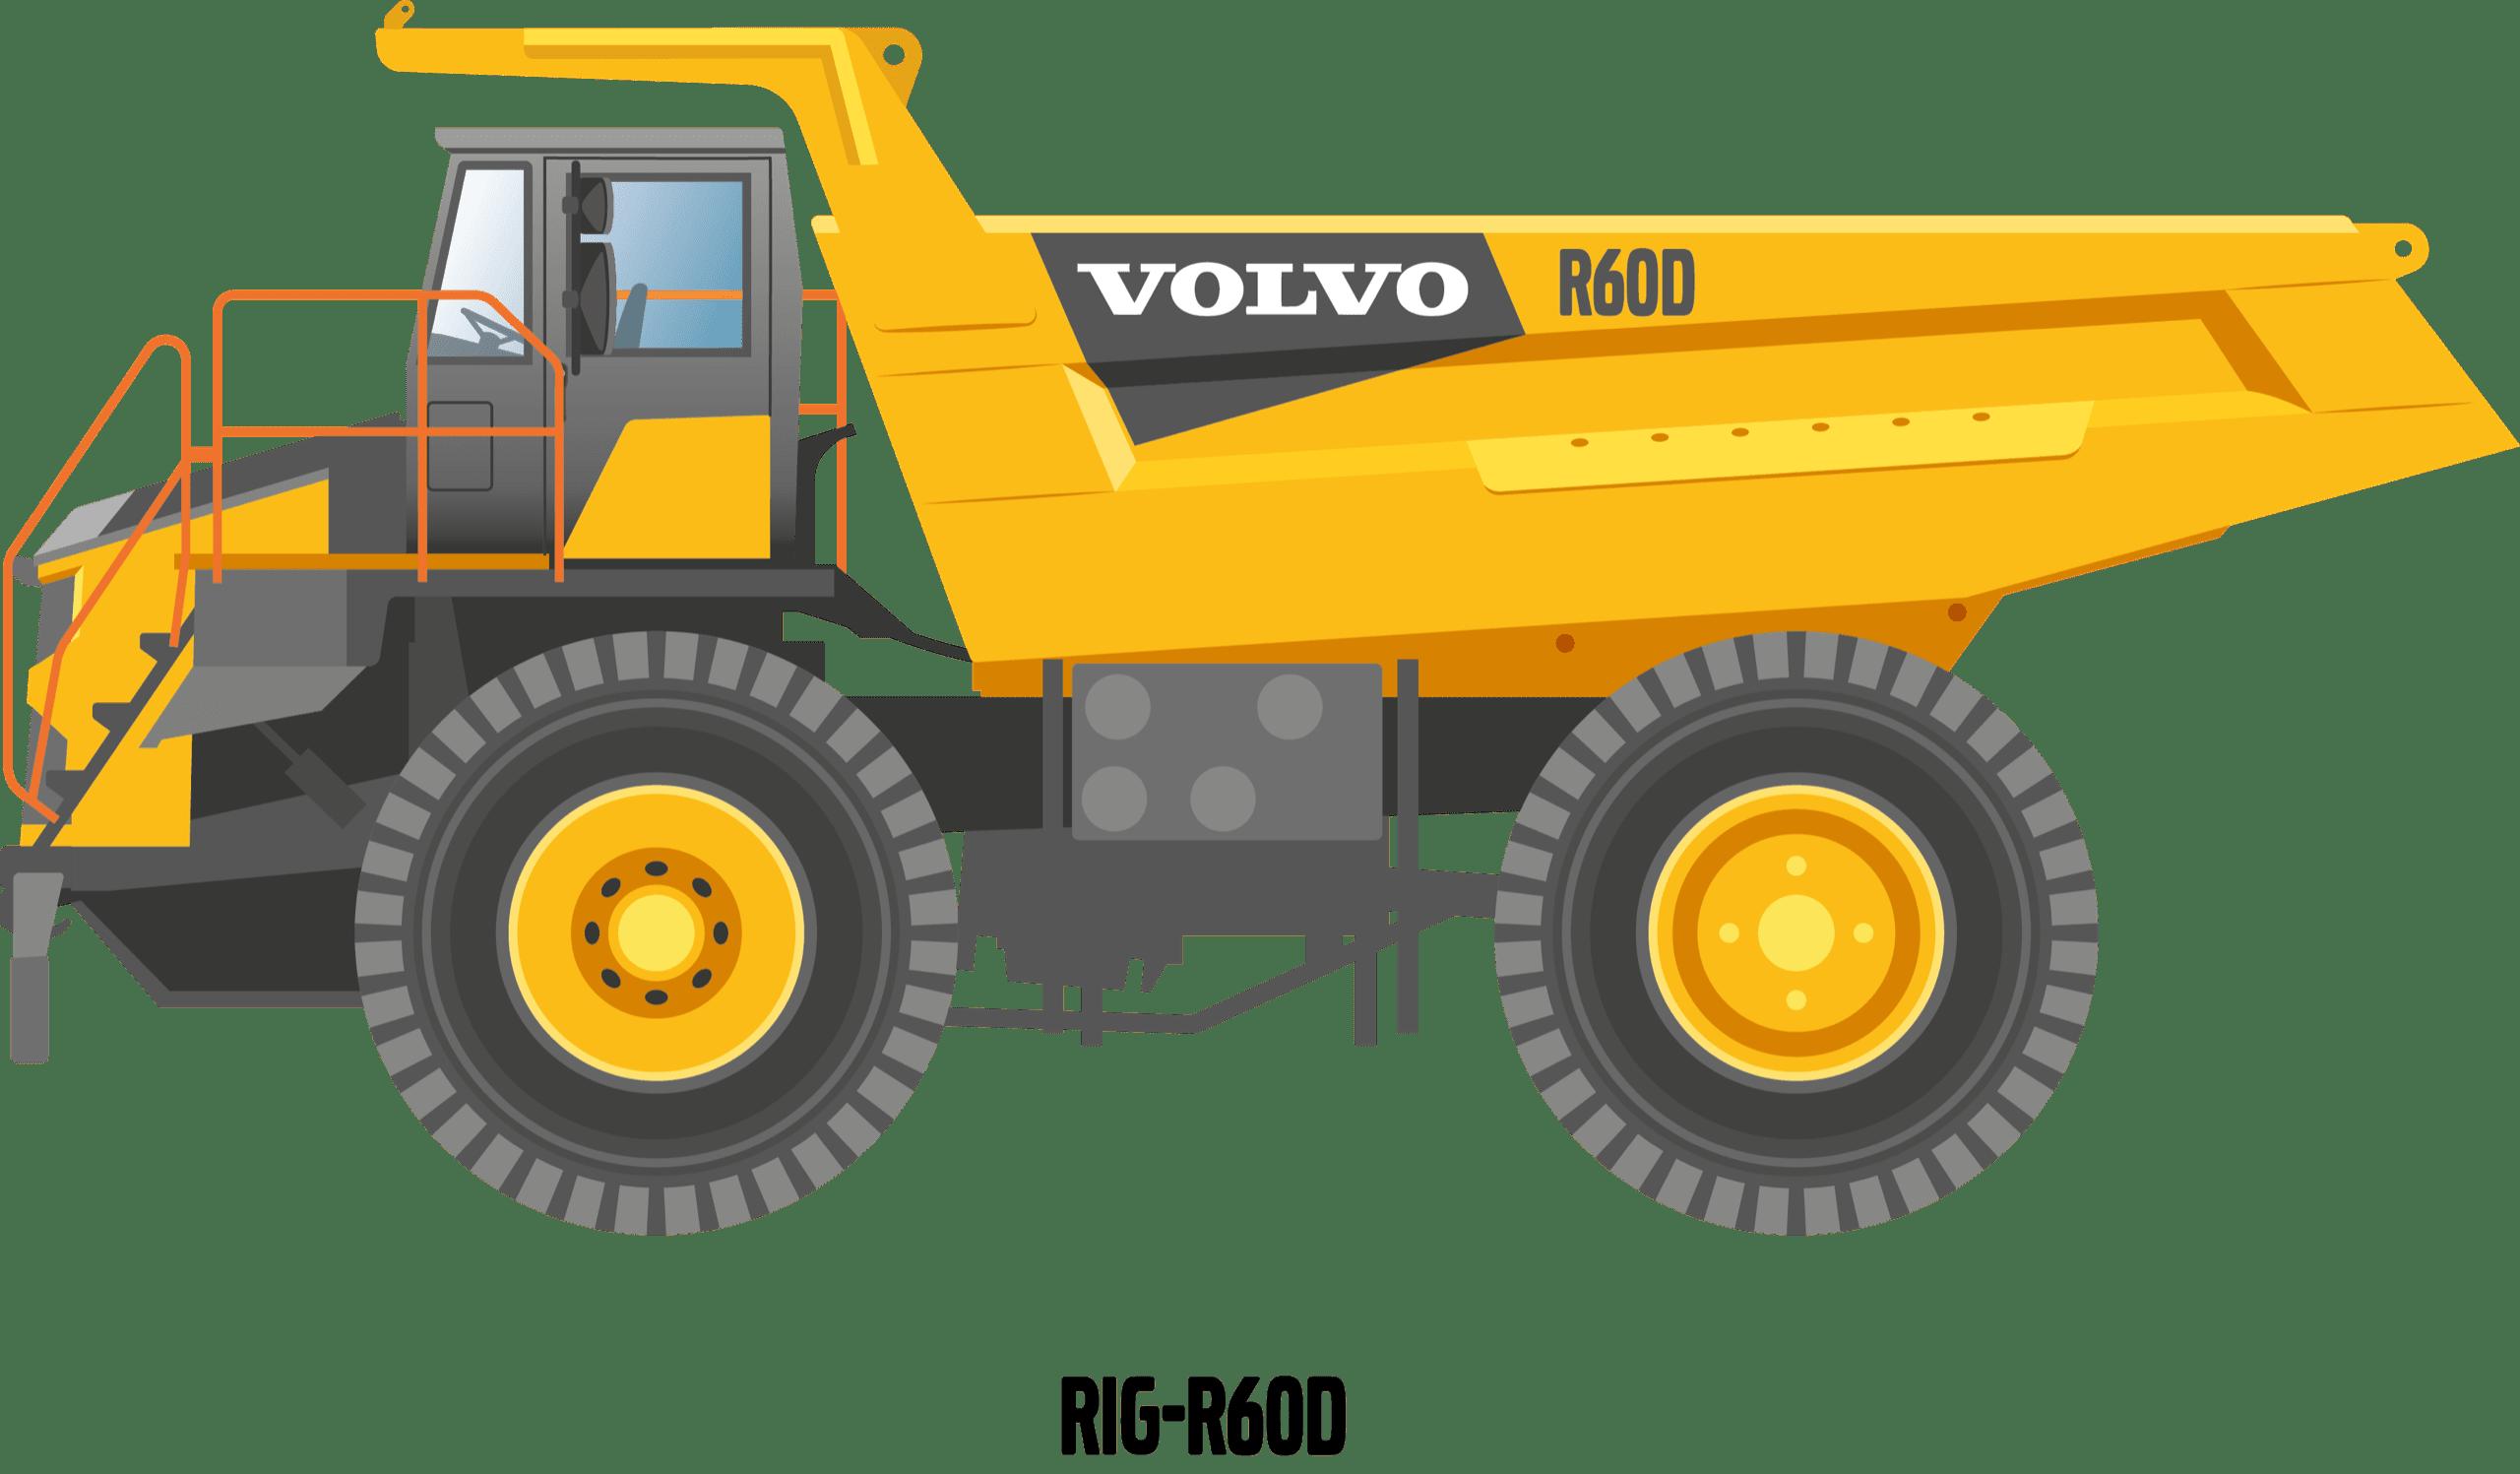 CJD-Rigid-Hauler-Volvo-R60D-1